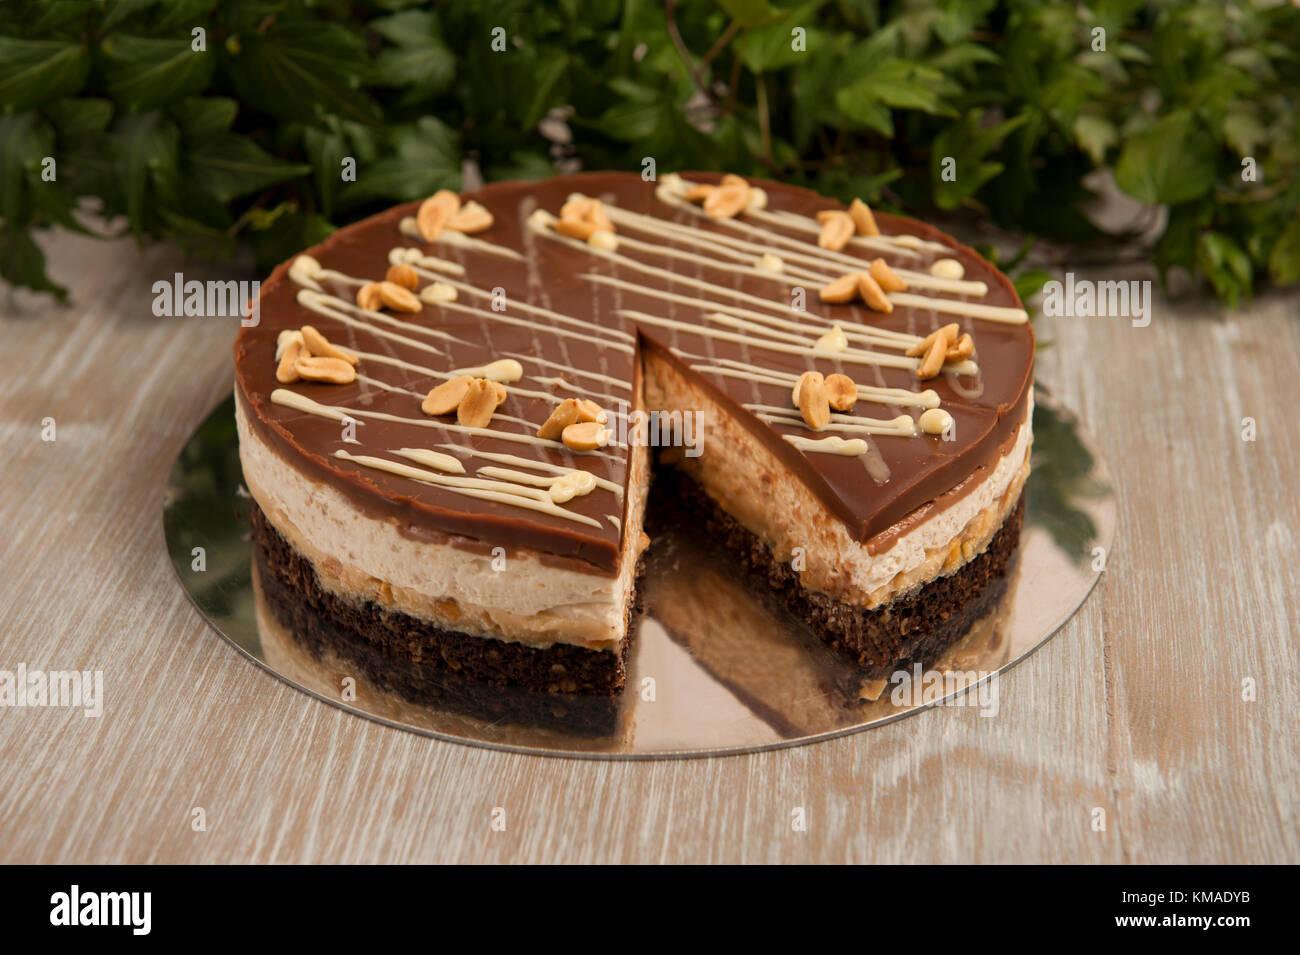 Schokoladenkuchen Mit Erdnussen Snickers Kuchen Stockfoto Bild